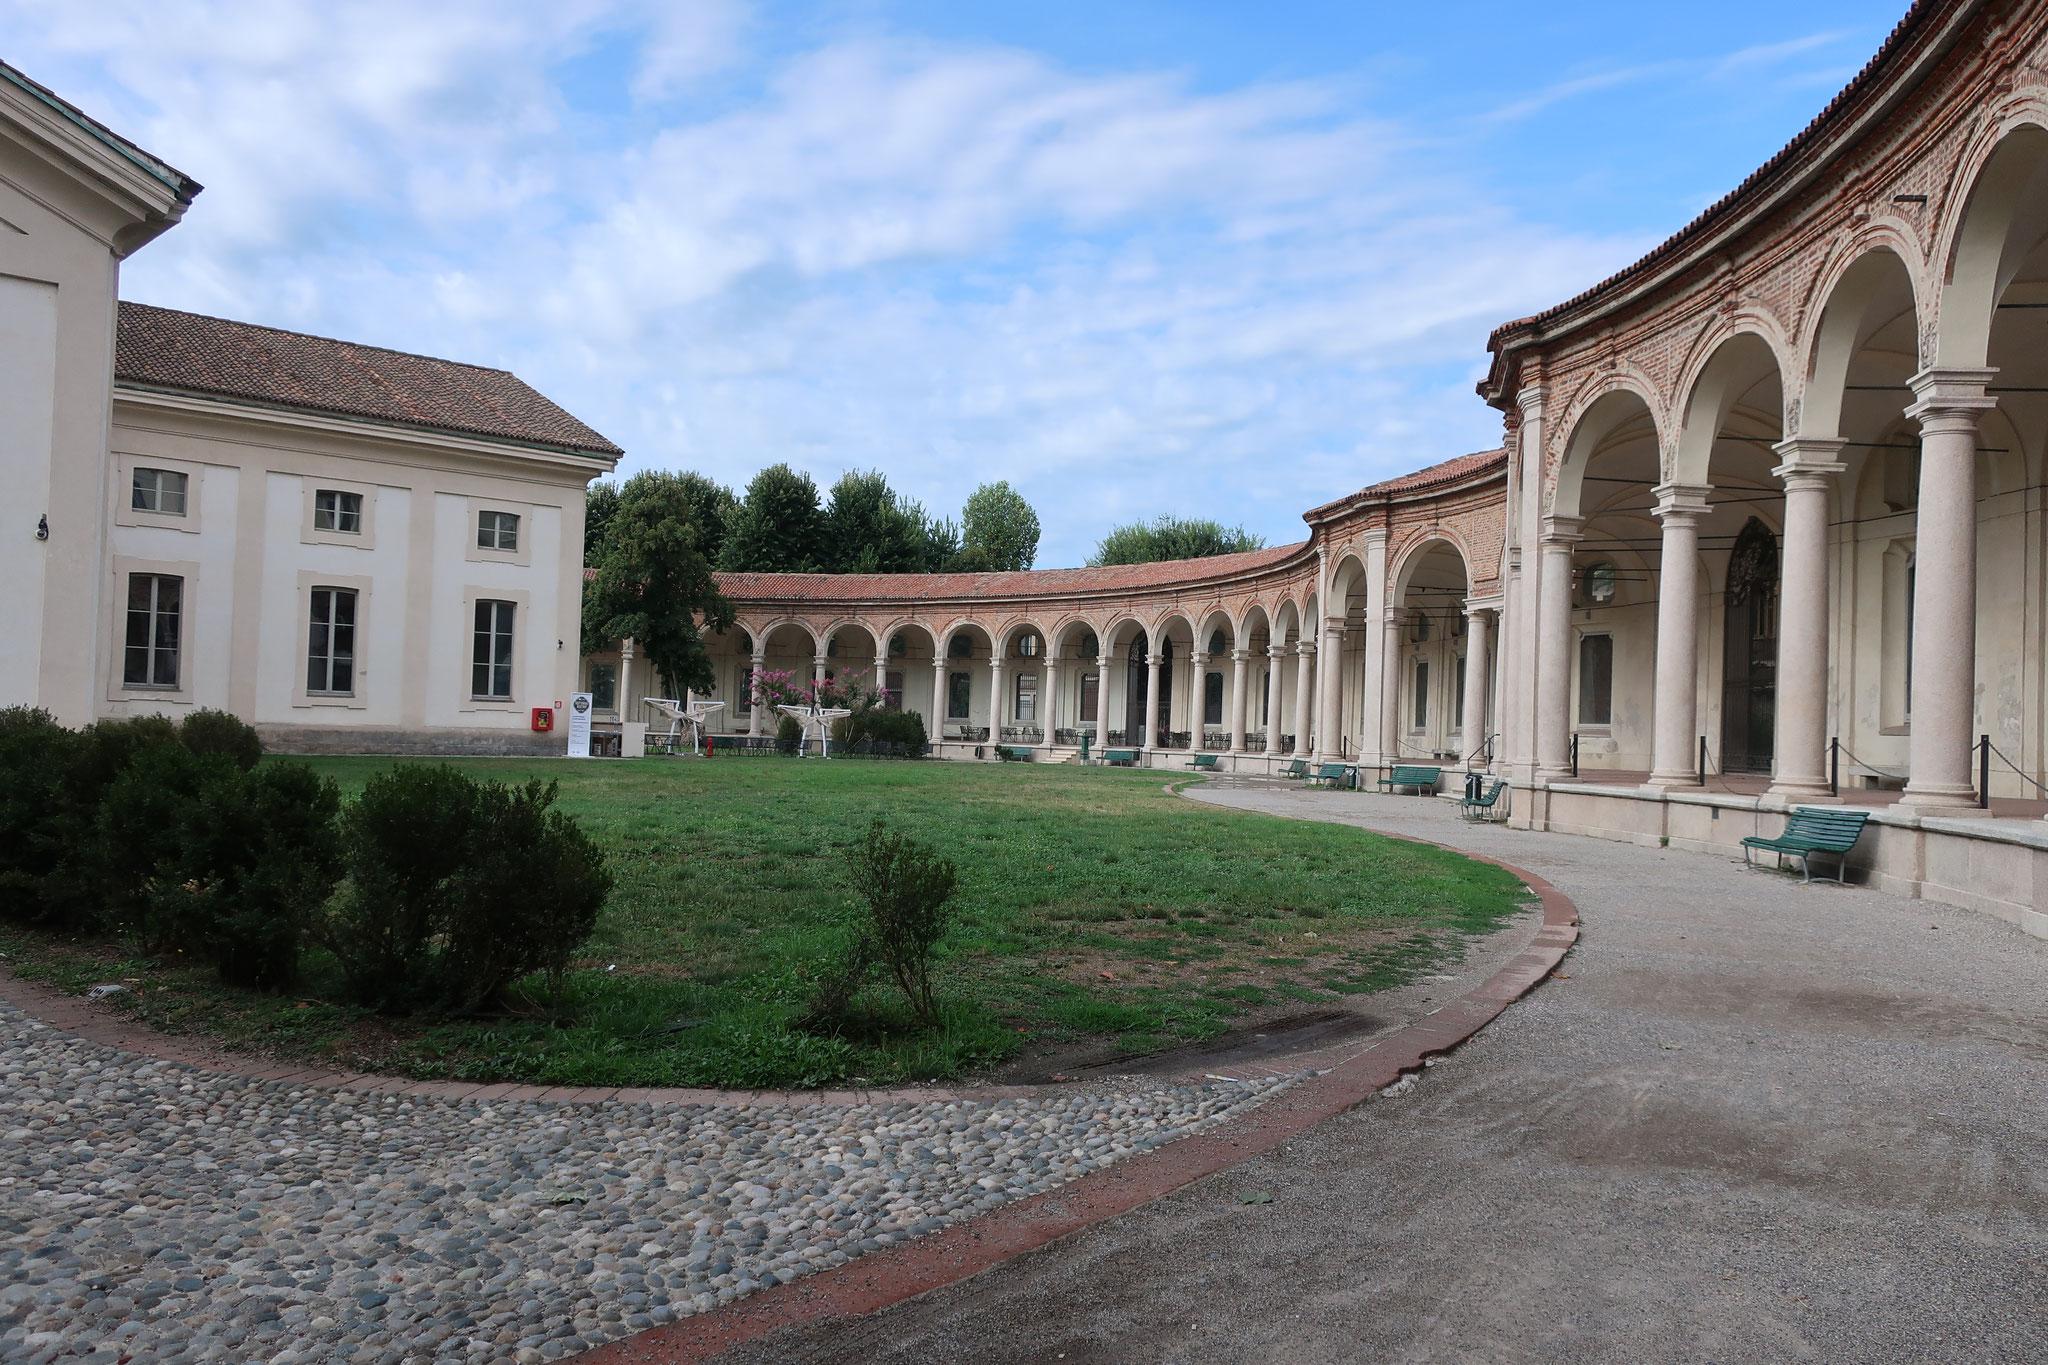 ロトンダ・デッラ・ベザーナ:「旧マッジョーレ病院」で亡くなった人たちを埋葬するために造られた納骨堂。 サン・ミケーレ教会をぐるりと円形に取り囲みます。